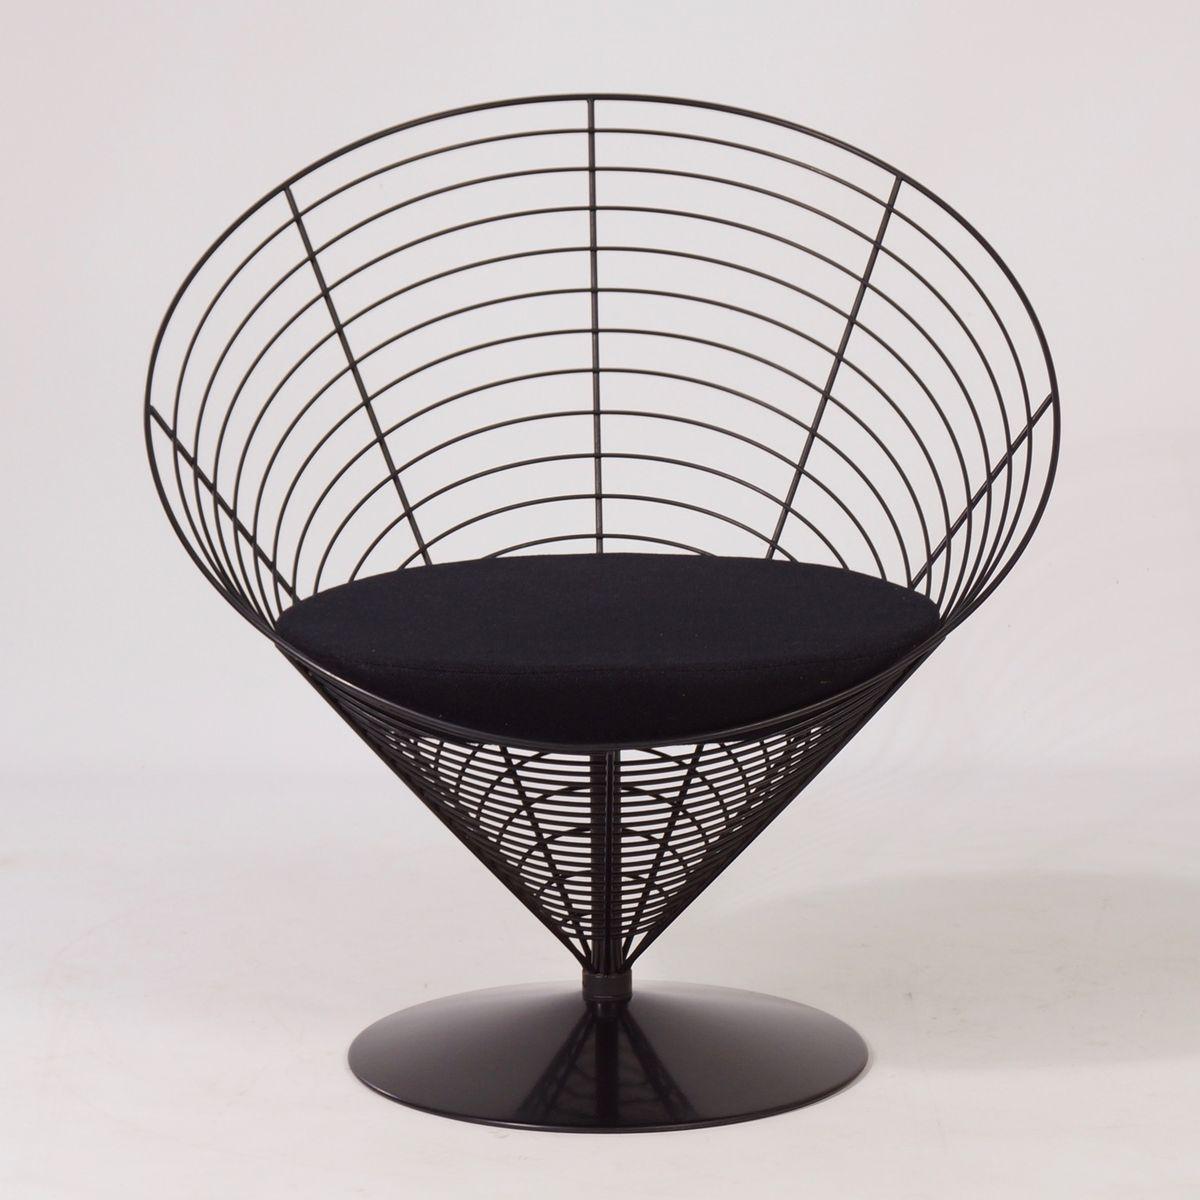 draht cone tisch mit zwei draht cone st hlen von verner panton f r fritz hansen 1980er bei. Black Bedroom Furniture Sets. Home Design Ideas